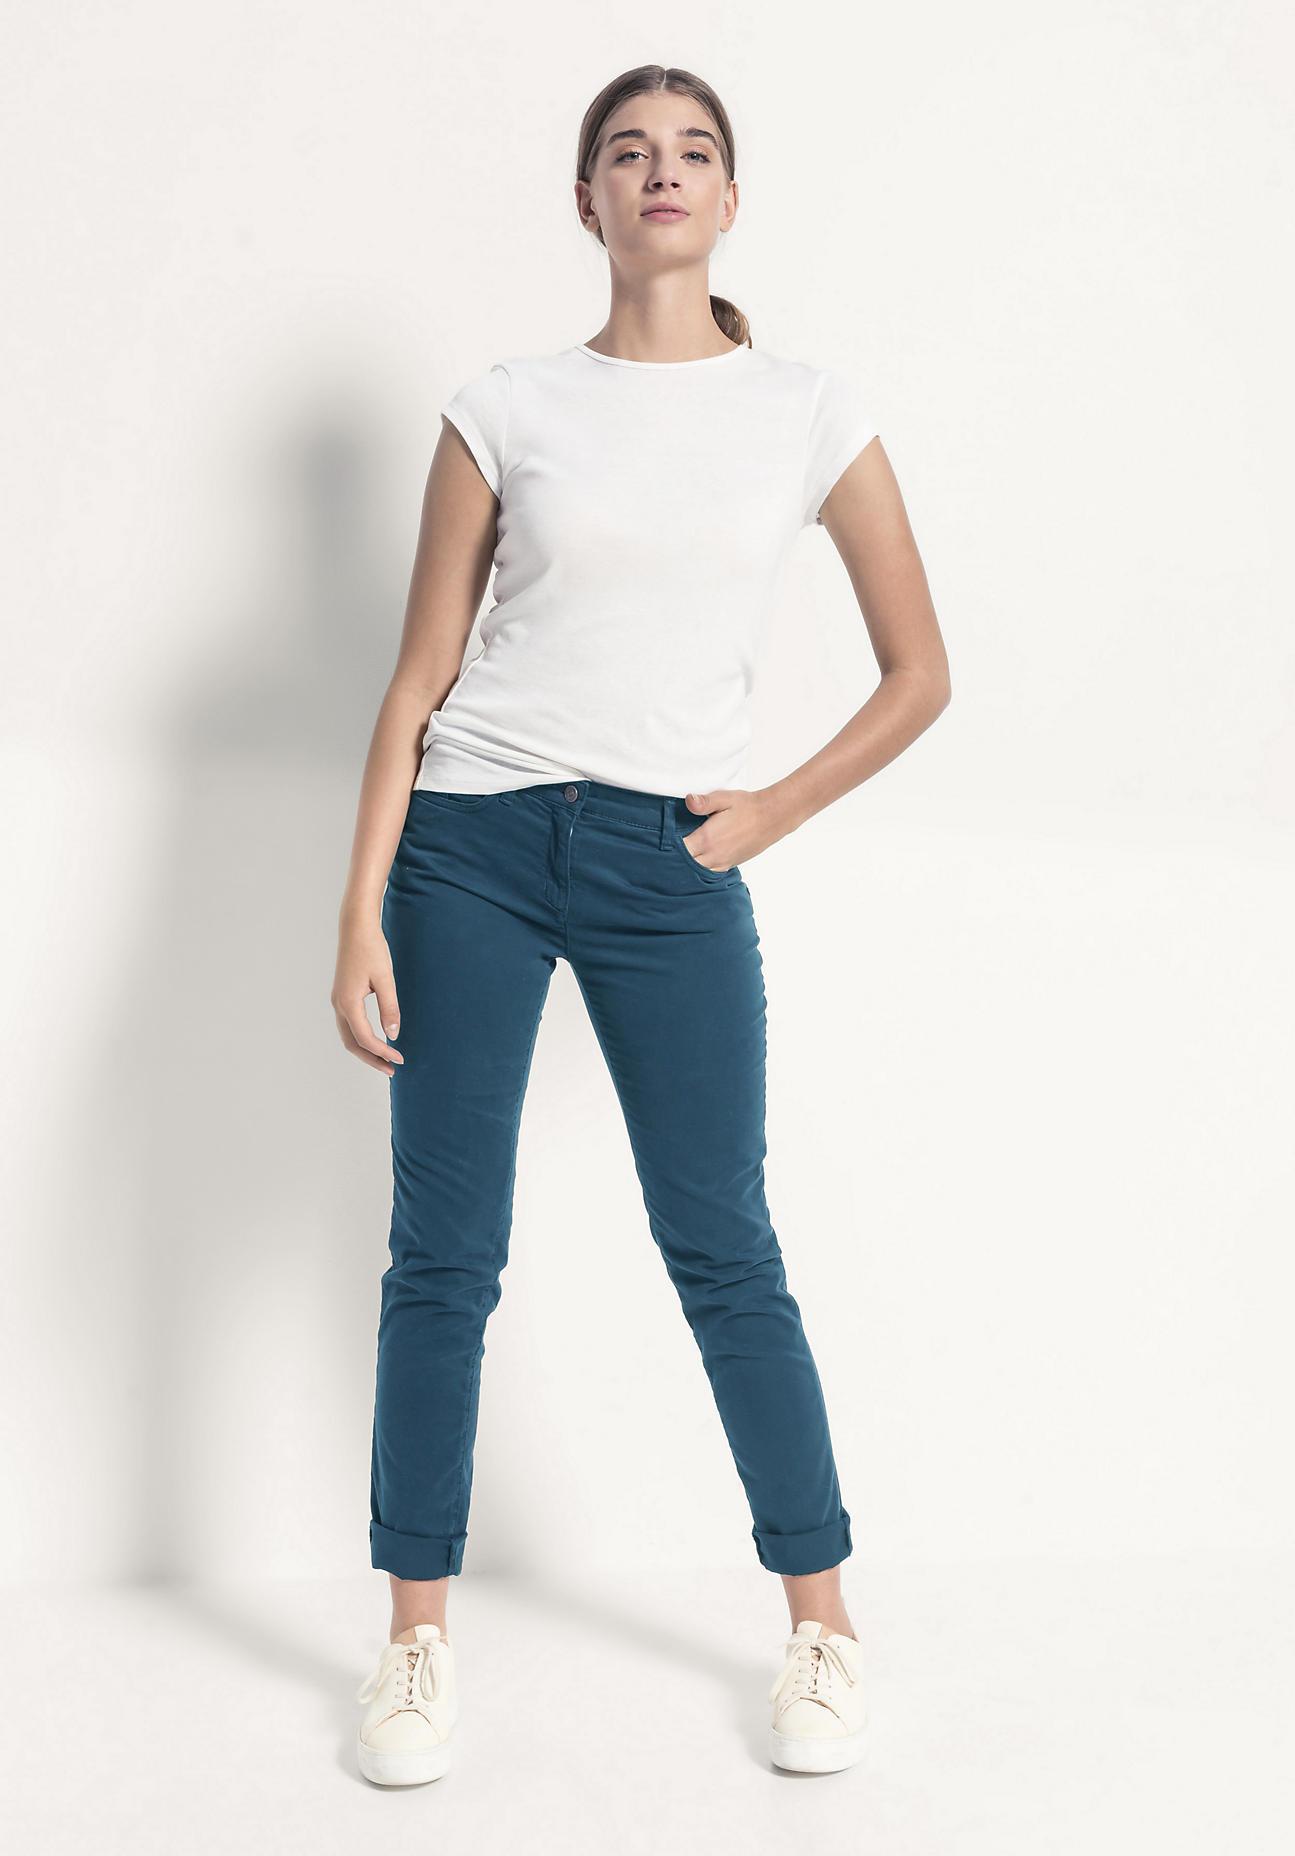 hessnatur Damen Hose Slim Fit aus Bio-Baumwolle - blau Größe 46